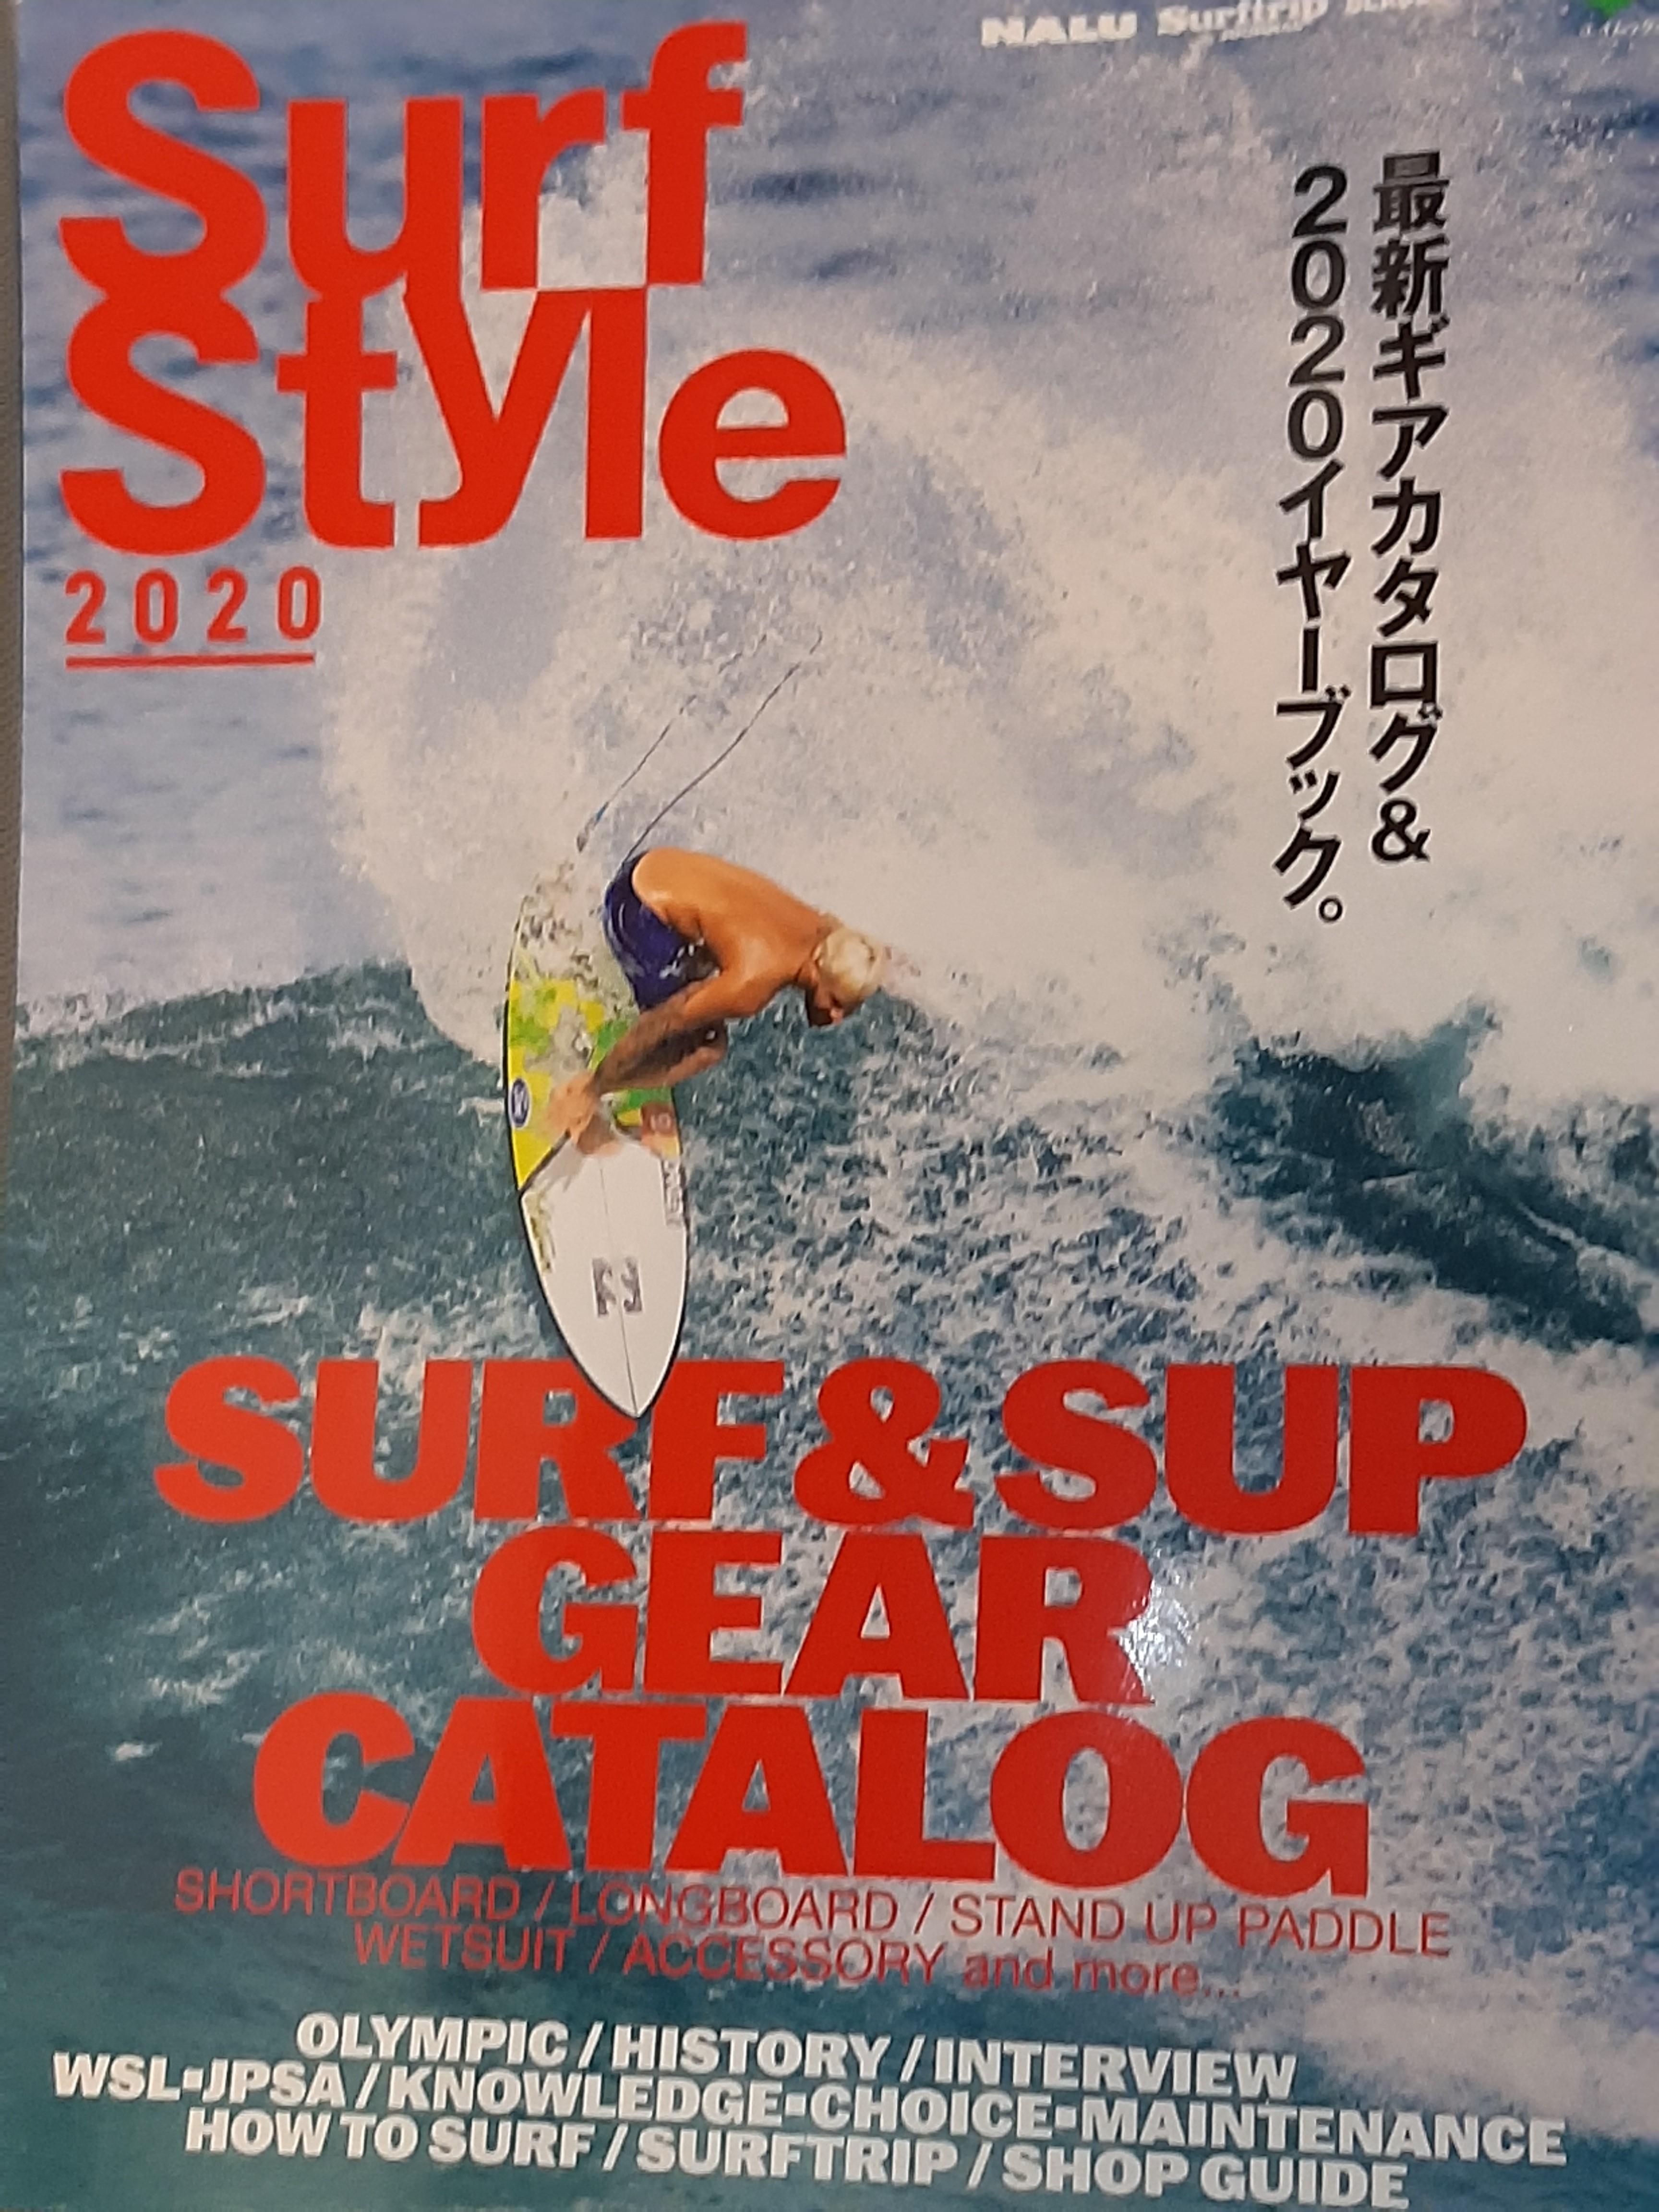 http://www.gaeasurf.jp/images/20200330_071017.jpg